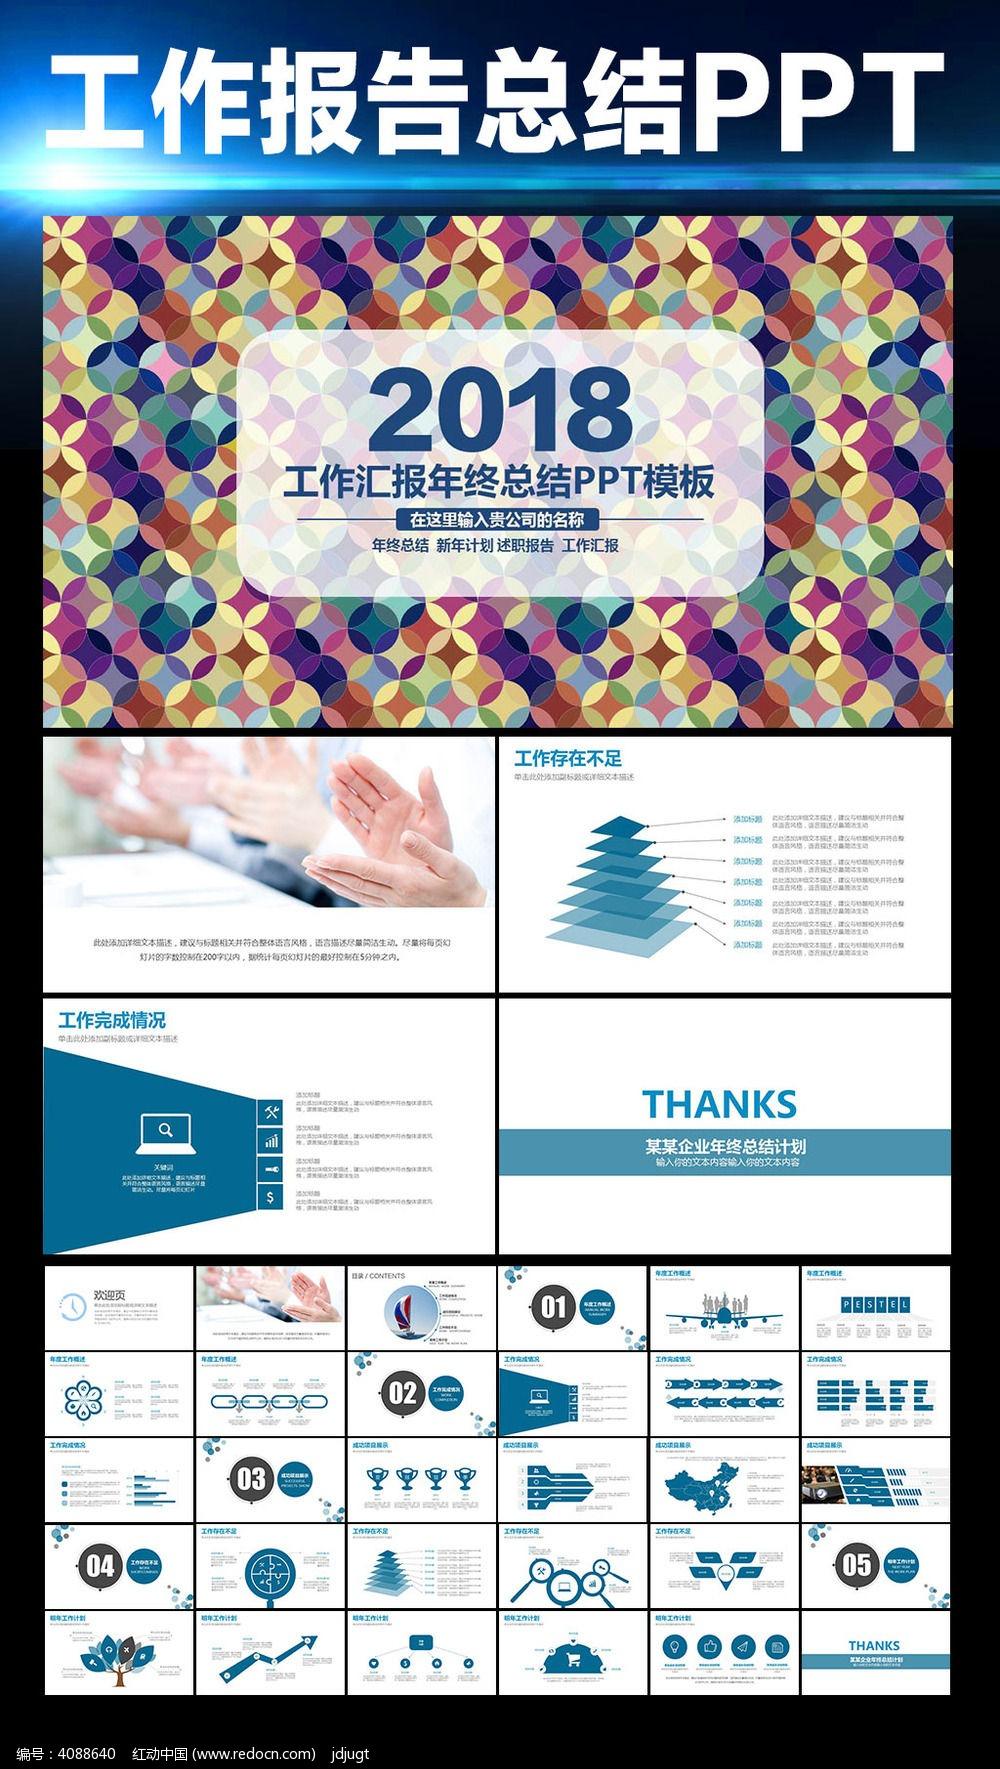 企业年度总结ppt模板素材下载